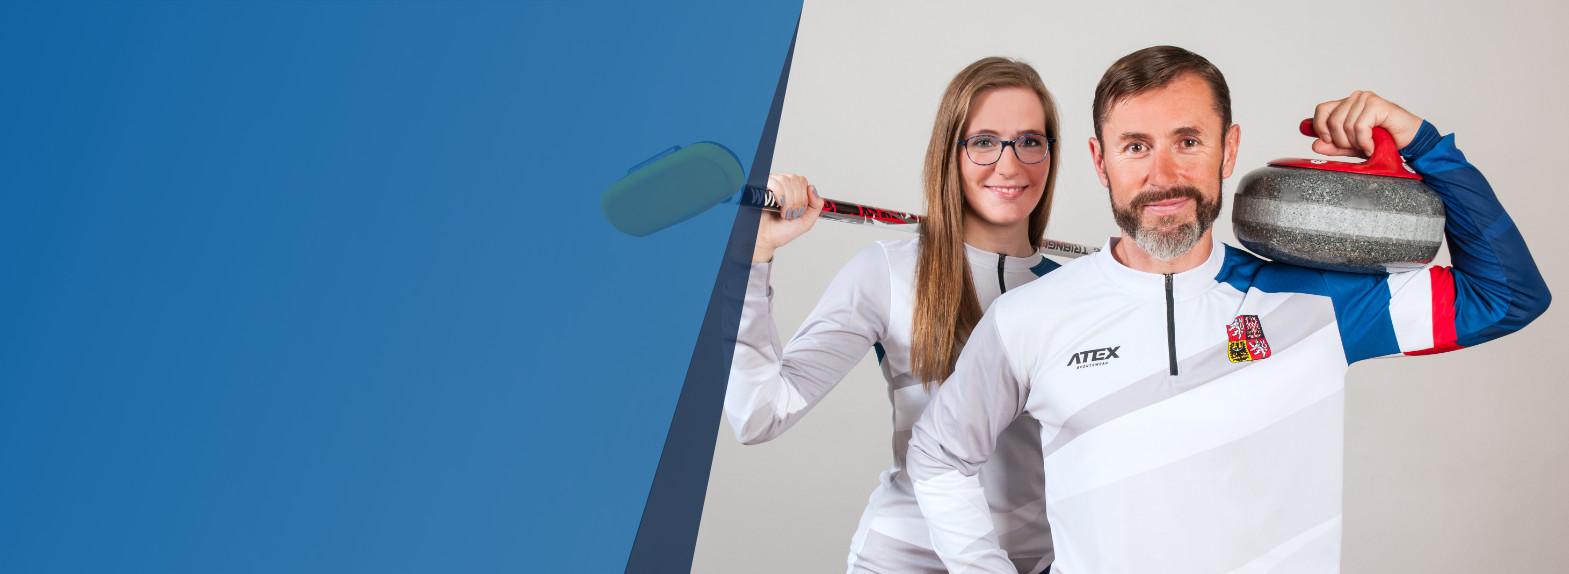 <h1>Tvářemi Olympijské kvalifikace 2017</h1> <h5>se stali skipové českých reprezentačních týmů</h5> <h2>Anna Kubešková<br /> a Jiří Snítil</h2> <p>Přijďte je v prosinci osobně podpořit do Plzně!</p>